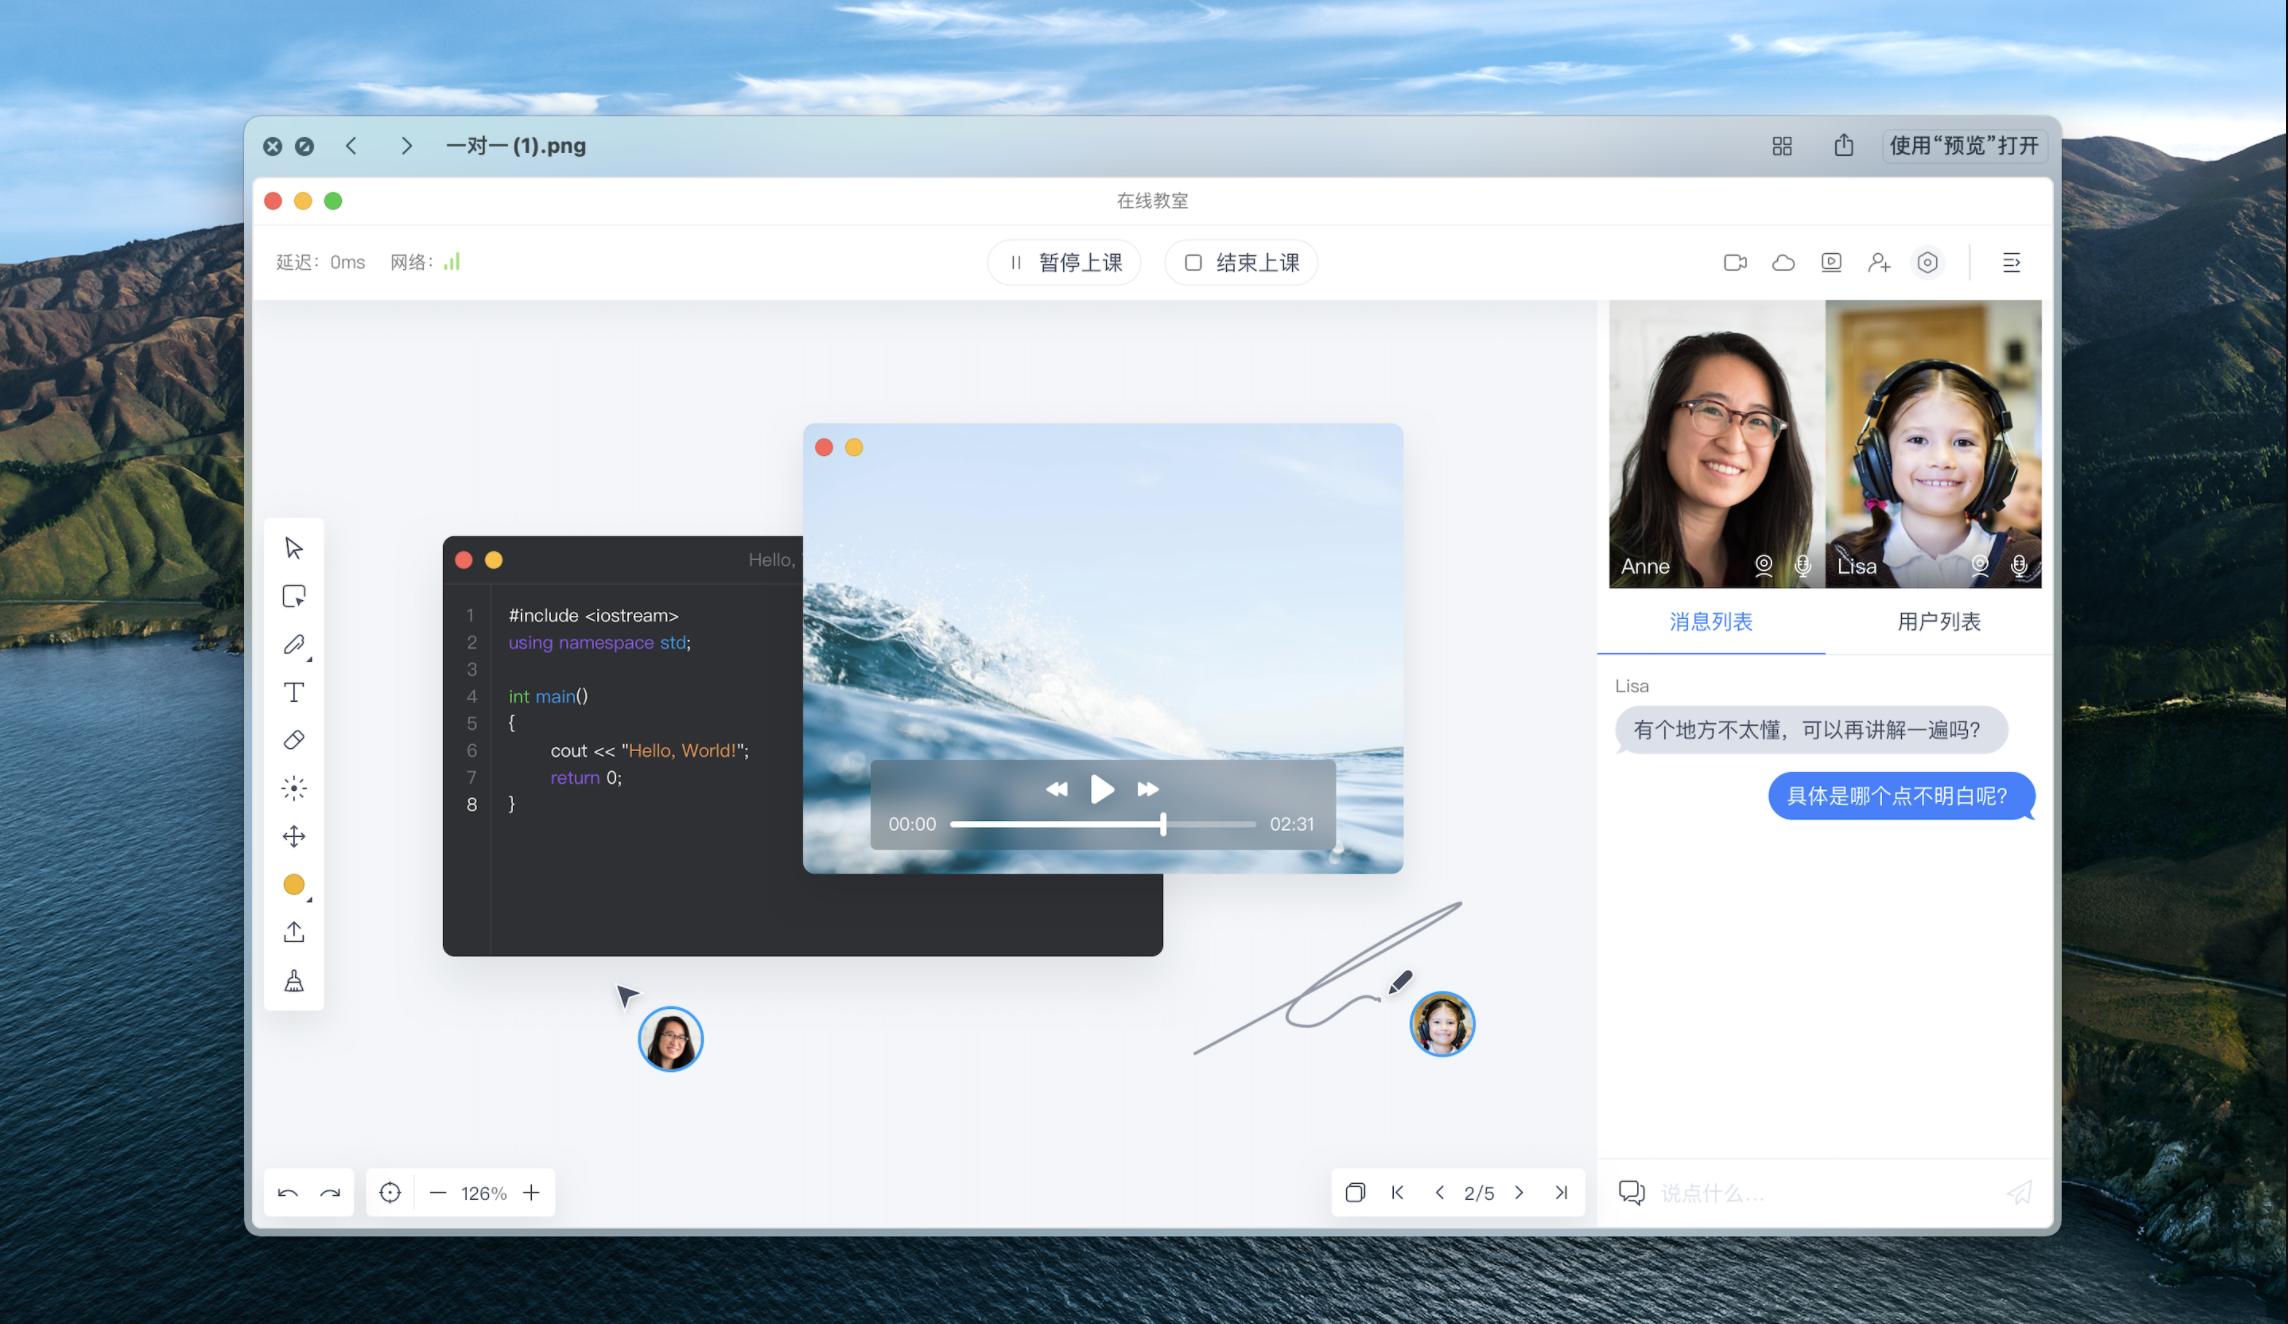 做了一个开源的在线互动教室,想分享给大家